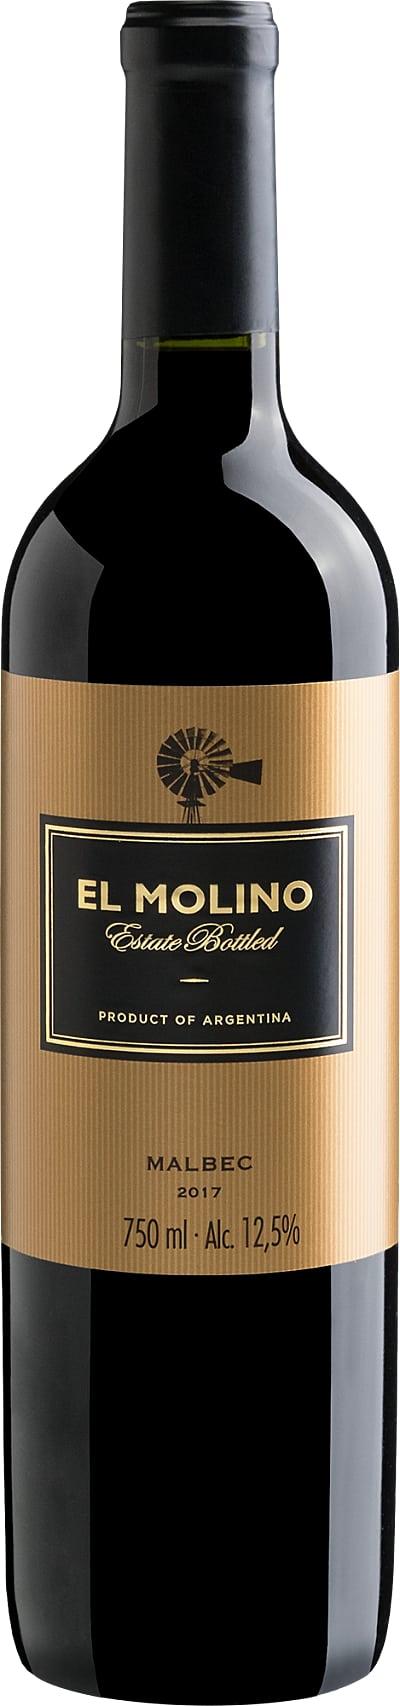 El Molino Malbec 2017